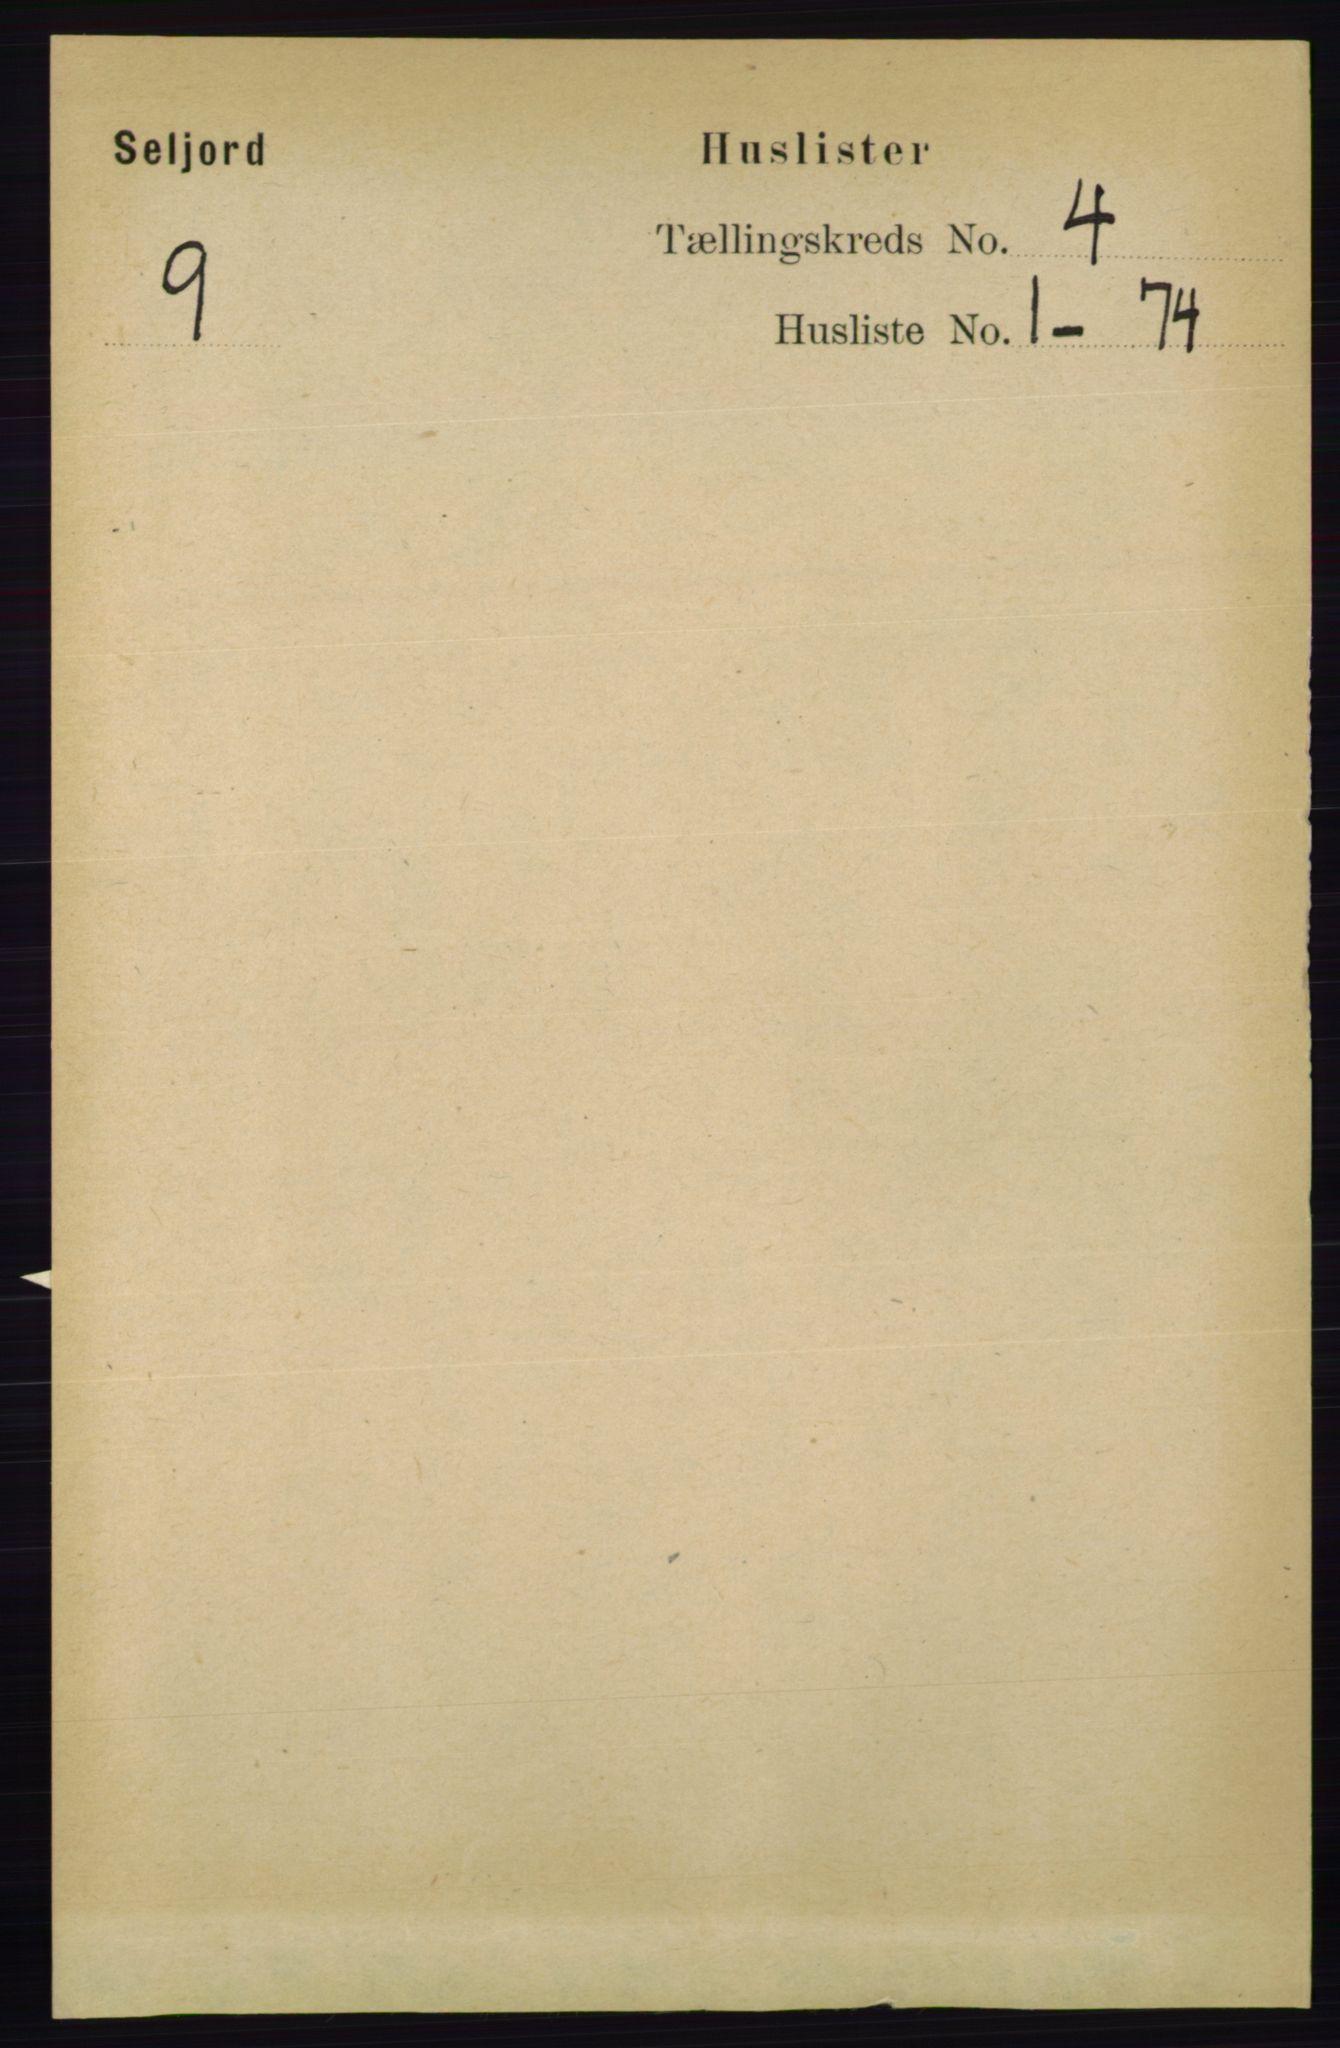 RA, Folketelling 1891 for 0828 Seljord herred, 1891, s. 1218